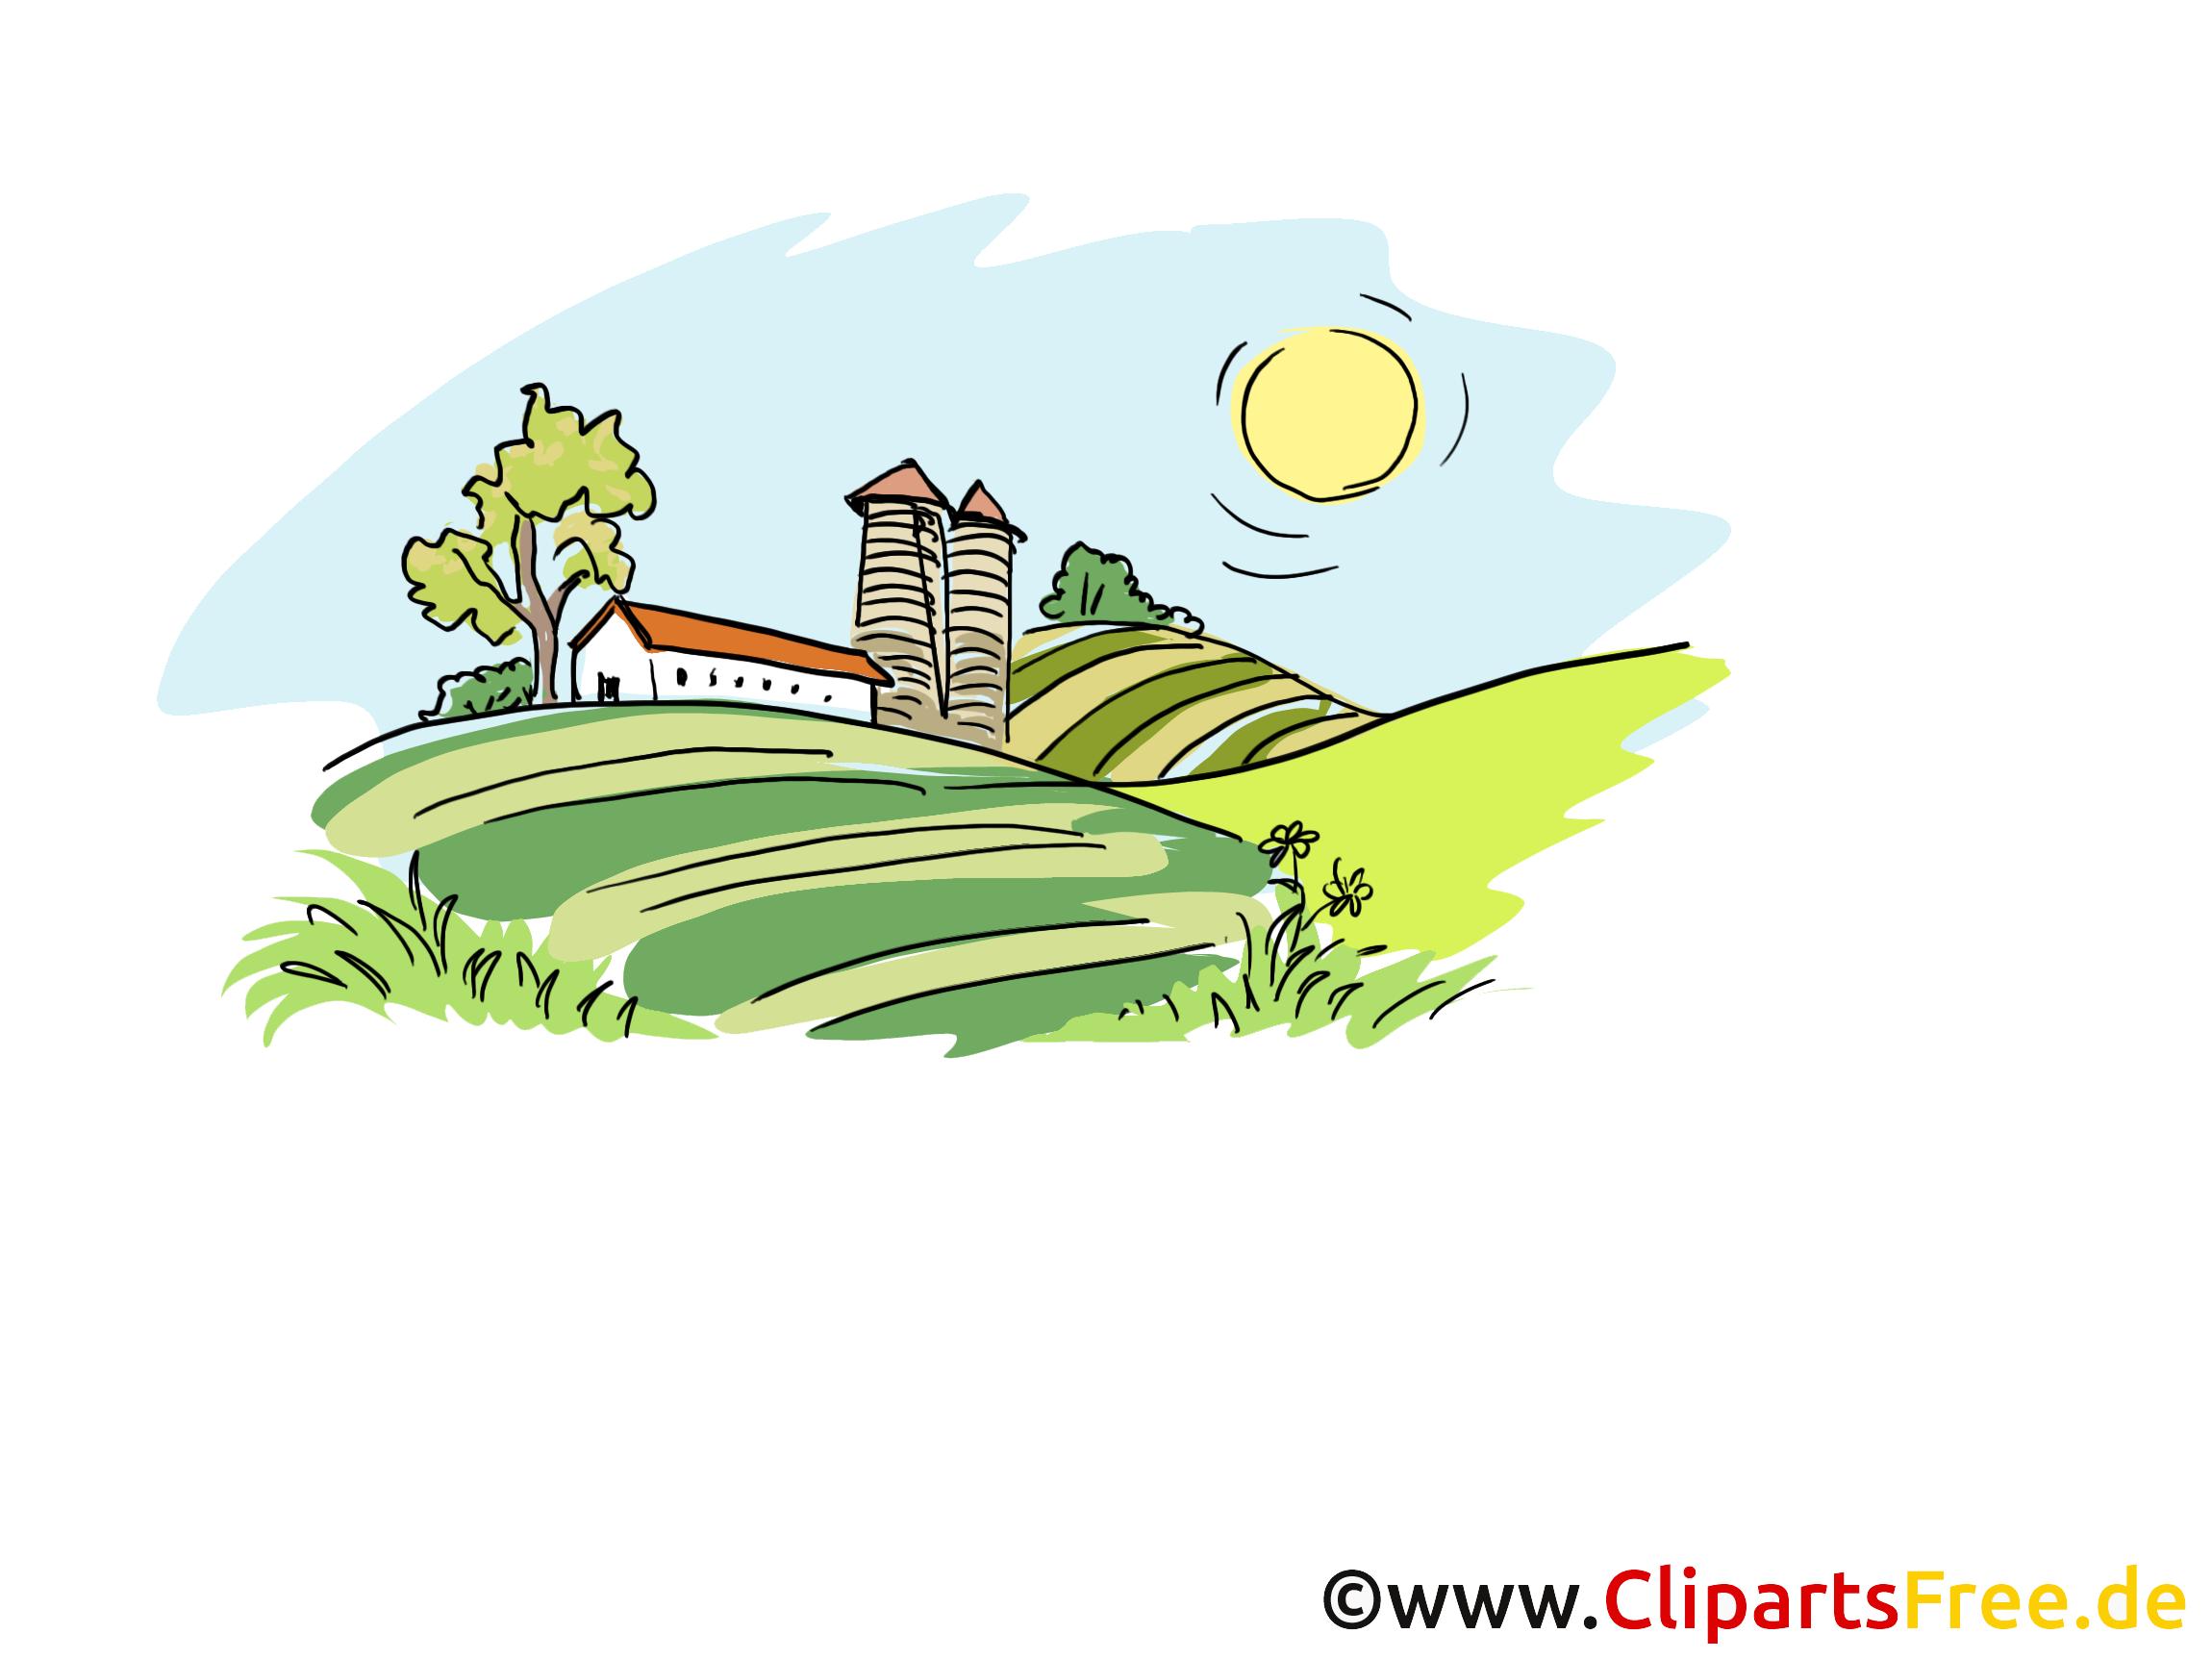 Landwirtschaft Cliparts, Bilder, Illustrationen.